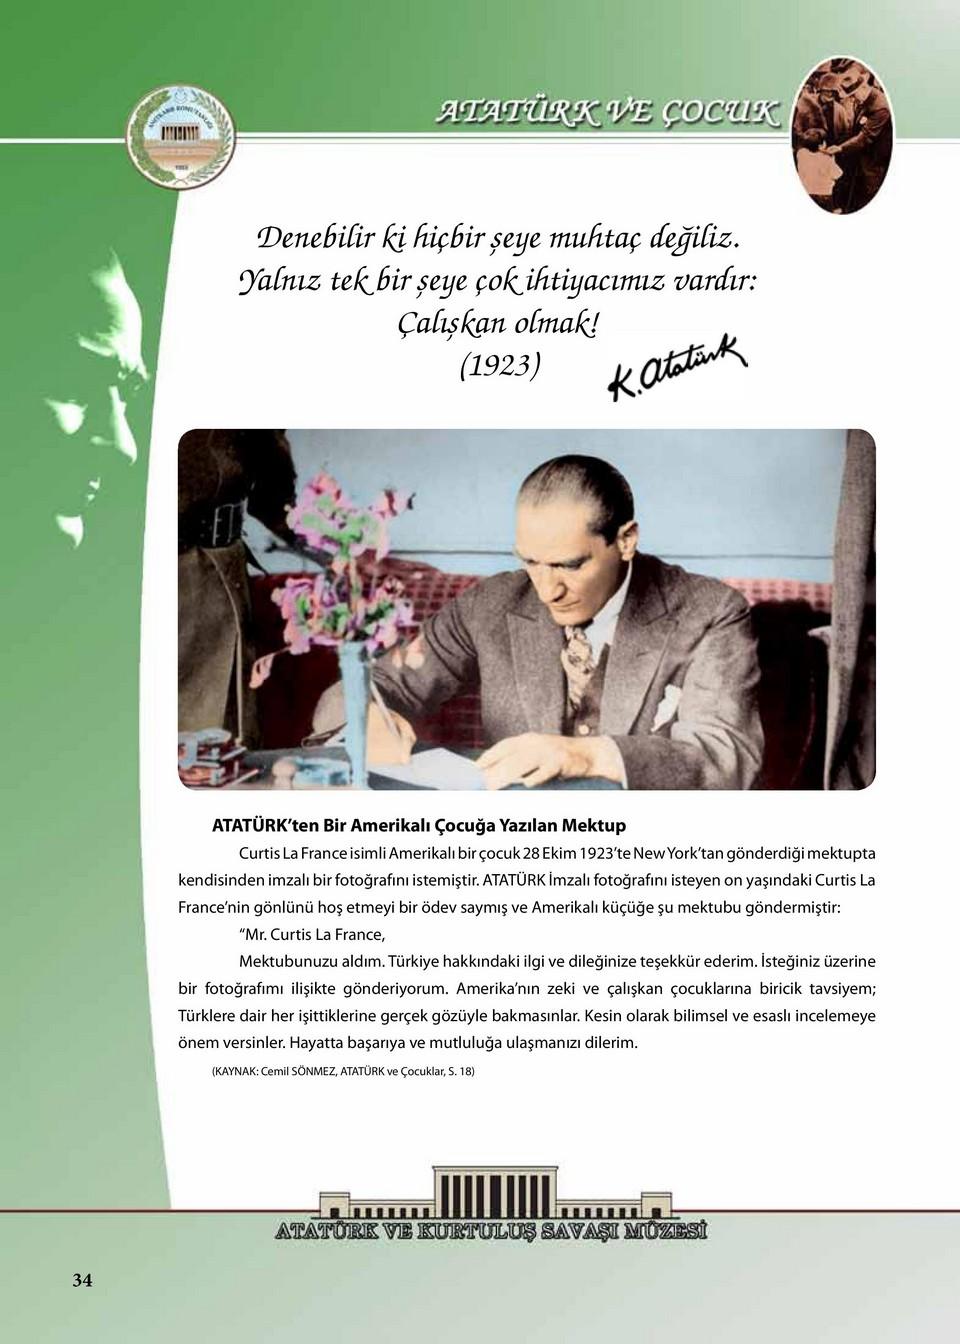 ataturkvecocuk-page-036